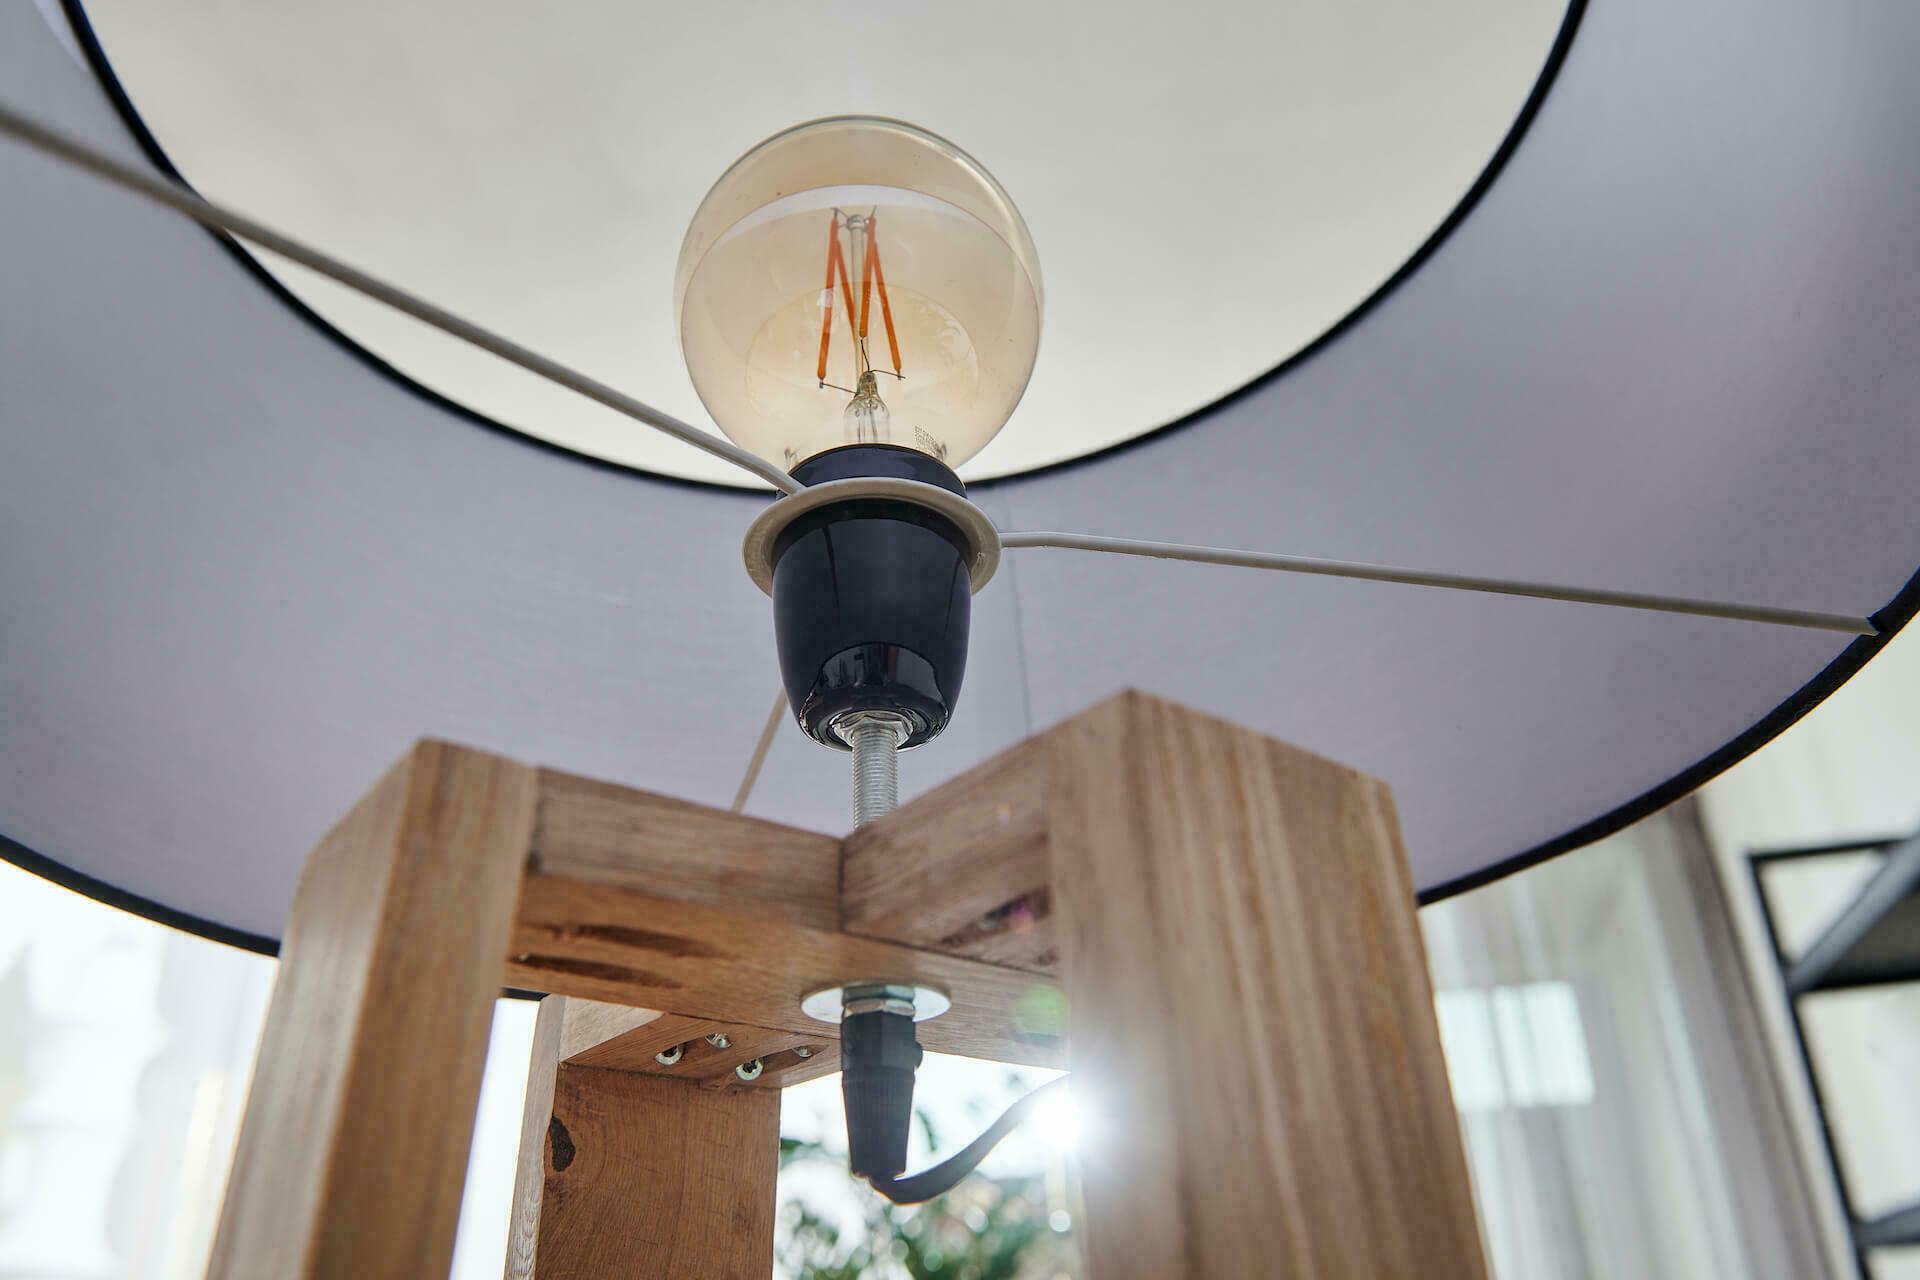 Beste Eiken vloerlamp maken | Stappenplan FV-51